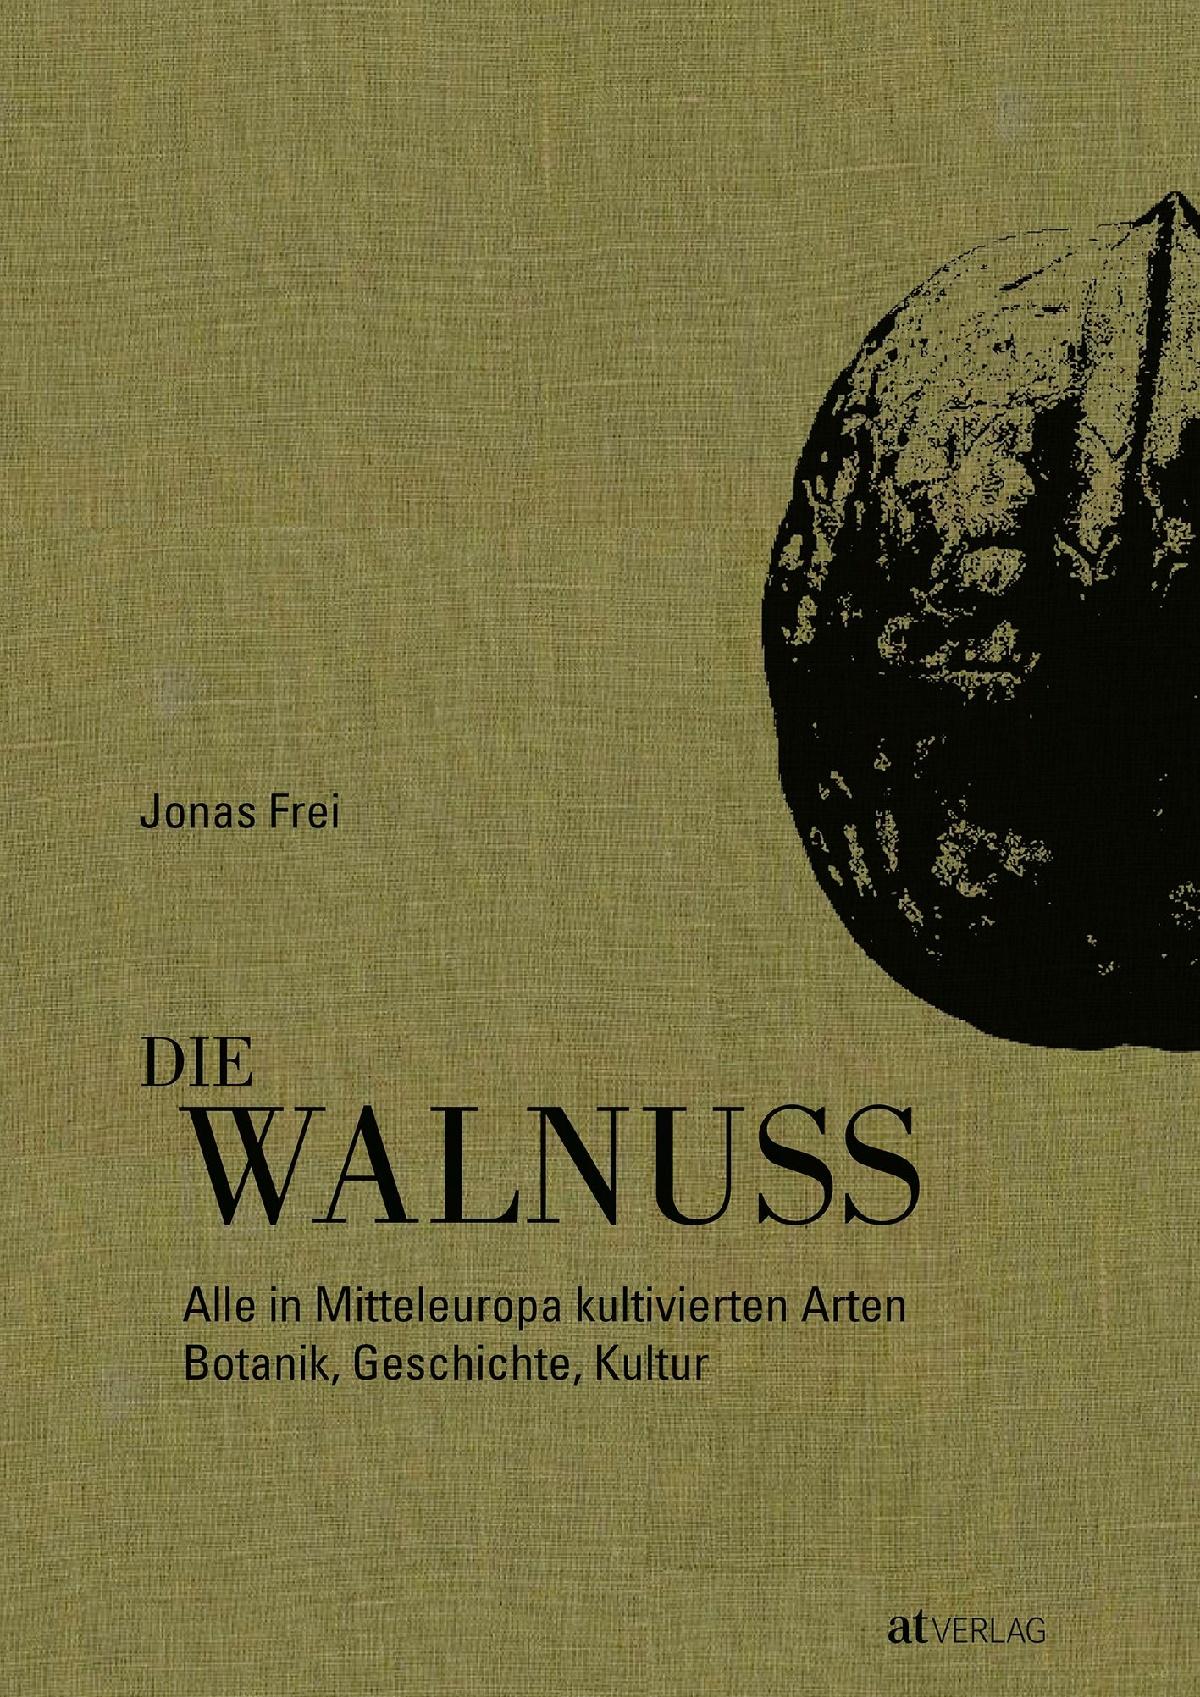 DIE WALNUSS - Eine Monographie über die Walnussgewächse. - Der Walnussbaum ist einer der malerischsten Bäume unserer Landschaft, sein Holz eines der edelsten unserer Klimazone, und die Nüsse gelten als gesunde Delikatesse. Dieses Buch fasst das reichhaltige Wissen über die Walnuss und ihre überraschend vielfältige Kultur und Tradition zusammen. Die Echte Walnuss, Juglans regia, ist nur eine Art einer formenreichen Pflanzenfamilie, deren natürliche Verbreitung vier Kontinente umfasst. Von insgesamt etwa 60 sind 30 Arten und einige Kreuzungen in unseren Parkanlagen anzutreffen. Dazu zählen auch Hickorys, Flügelnüsse und botanische Raritäten wie die Zapfen- oder Ringflügelnuss. In eigenen Kapiteln zu Kultur, Geschichte, Biologie und Landschaftsarchitektur wird die Pflanzenfamilie aus unterschiedlichen Perspektiven beleuchtet. Erstmals werden alle in Mitteleuropa kultivierten Arten und Hybriden in detaillierten, reich bebilderten Porträts vorgestellt. So lassen sich auch Exoten wie Schwarznuss, Mandschurische Walnuss oder Ferkelnuss in Parkanlagen, Baumschulen oder Gärten einfach richtig bestimmen.Dieses Buch ist zur Zeit in Erarbeitung und erscheint im Herbst 2019 beim AT Verlag. Vorbestellen: at-verlag.ch